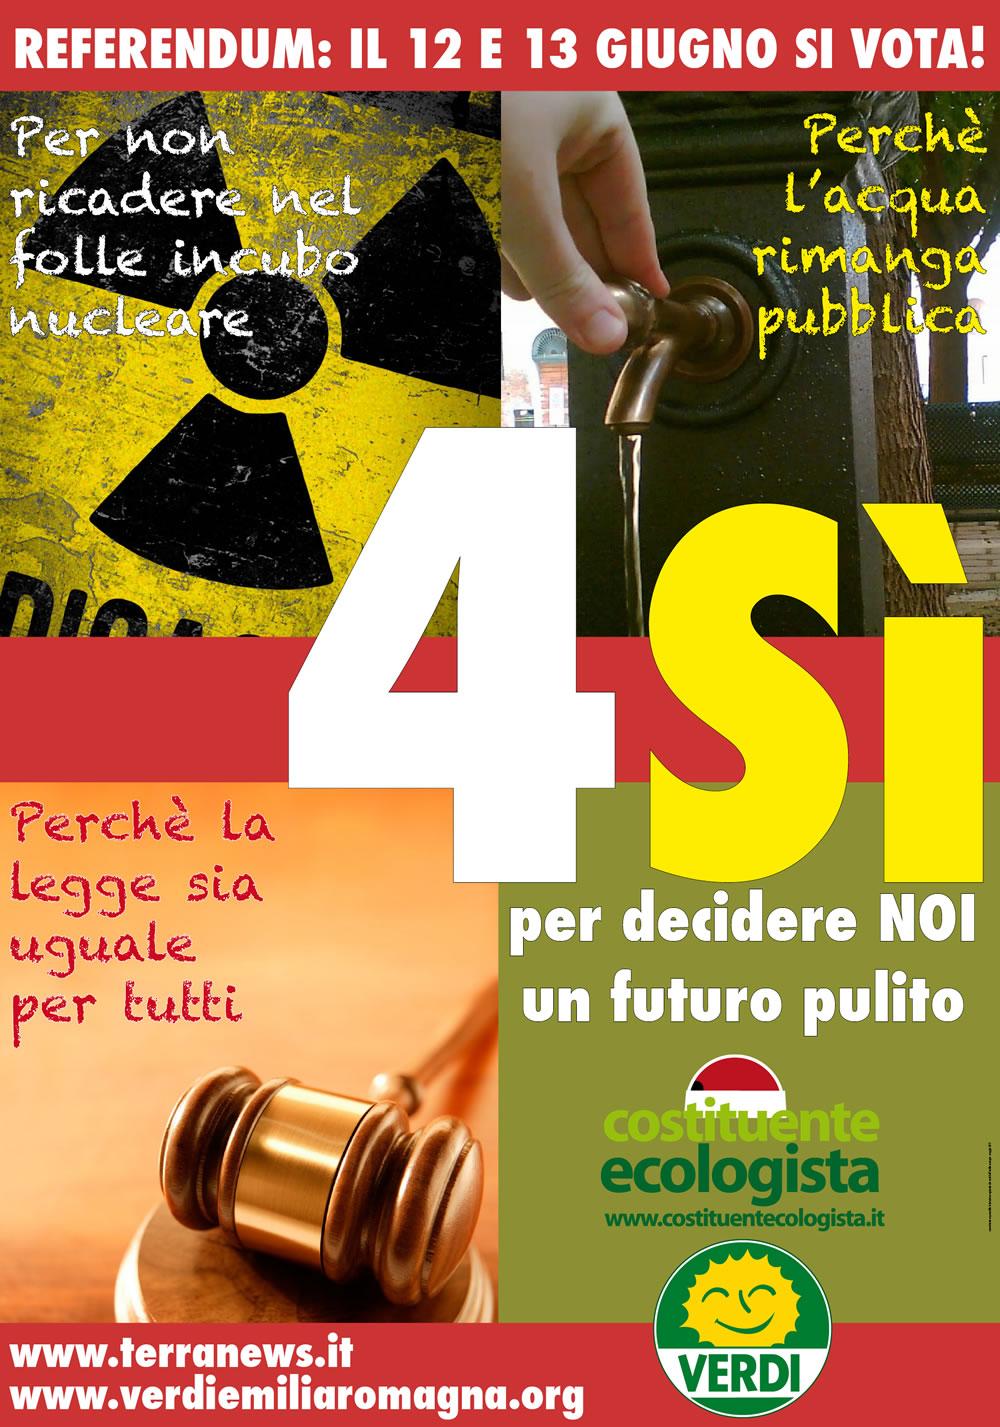 """<div class=""""at-above-post-cat-page addthis_tool"""" data-url=""""http://www.verdi.ferrara.it/sito/2011/06/01/4-si-ai-referendum-del-12-e-13-giugno/""""></div>Ecco il Manifesto dei verdi per la Costituente ecologista dell'Emilia Romagna:<!-- AddThis Advanced Settings above via filter on get_the_excerpt --><!-- AddThis Advanced Settings below via filter on get_the_excerpt --><!-- AddThis Advanced Settings generic via filter on get_the_excerpt --><!-- AddThis Share Buttons above via filter on get_the_excerpt --><!-- AddThis Share Buttons below via filter on get_the_excerpt --><div class=""""at-below-post-cat-page addthis_tool"""" data-url=""""http://www.verdi.ferrara.it/sito/2011/06/01/4-si-ai-referendum-del-12-e-13-giugno/""""></div><!-- AddThis Share Buttons generic via filter on get_the_excerpt -->"""